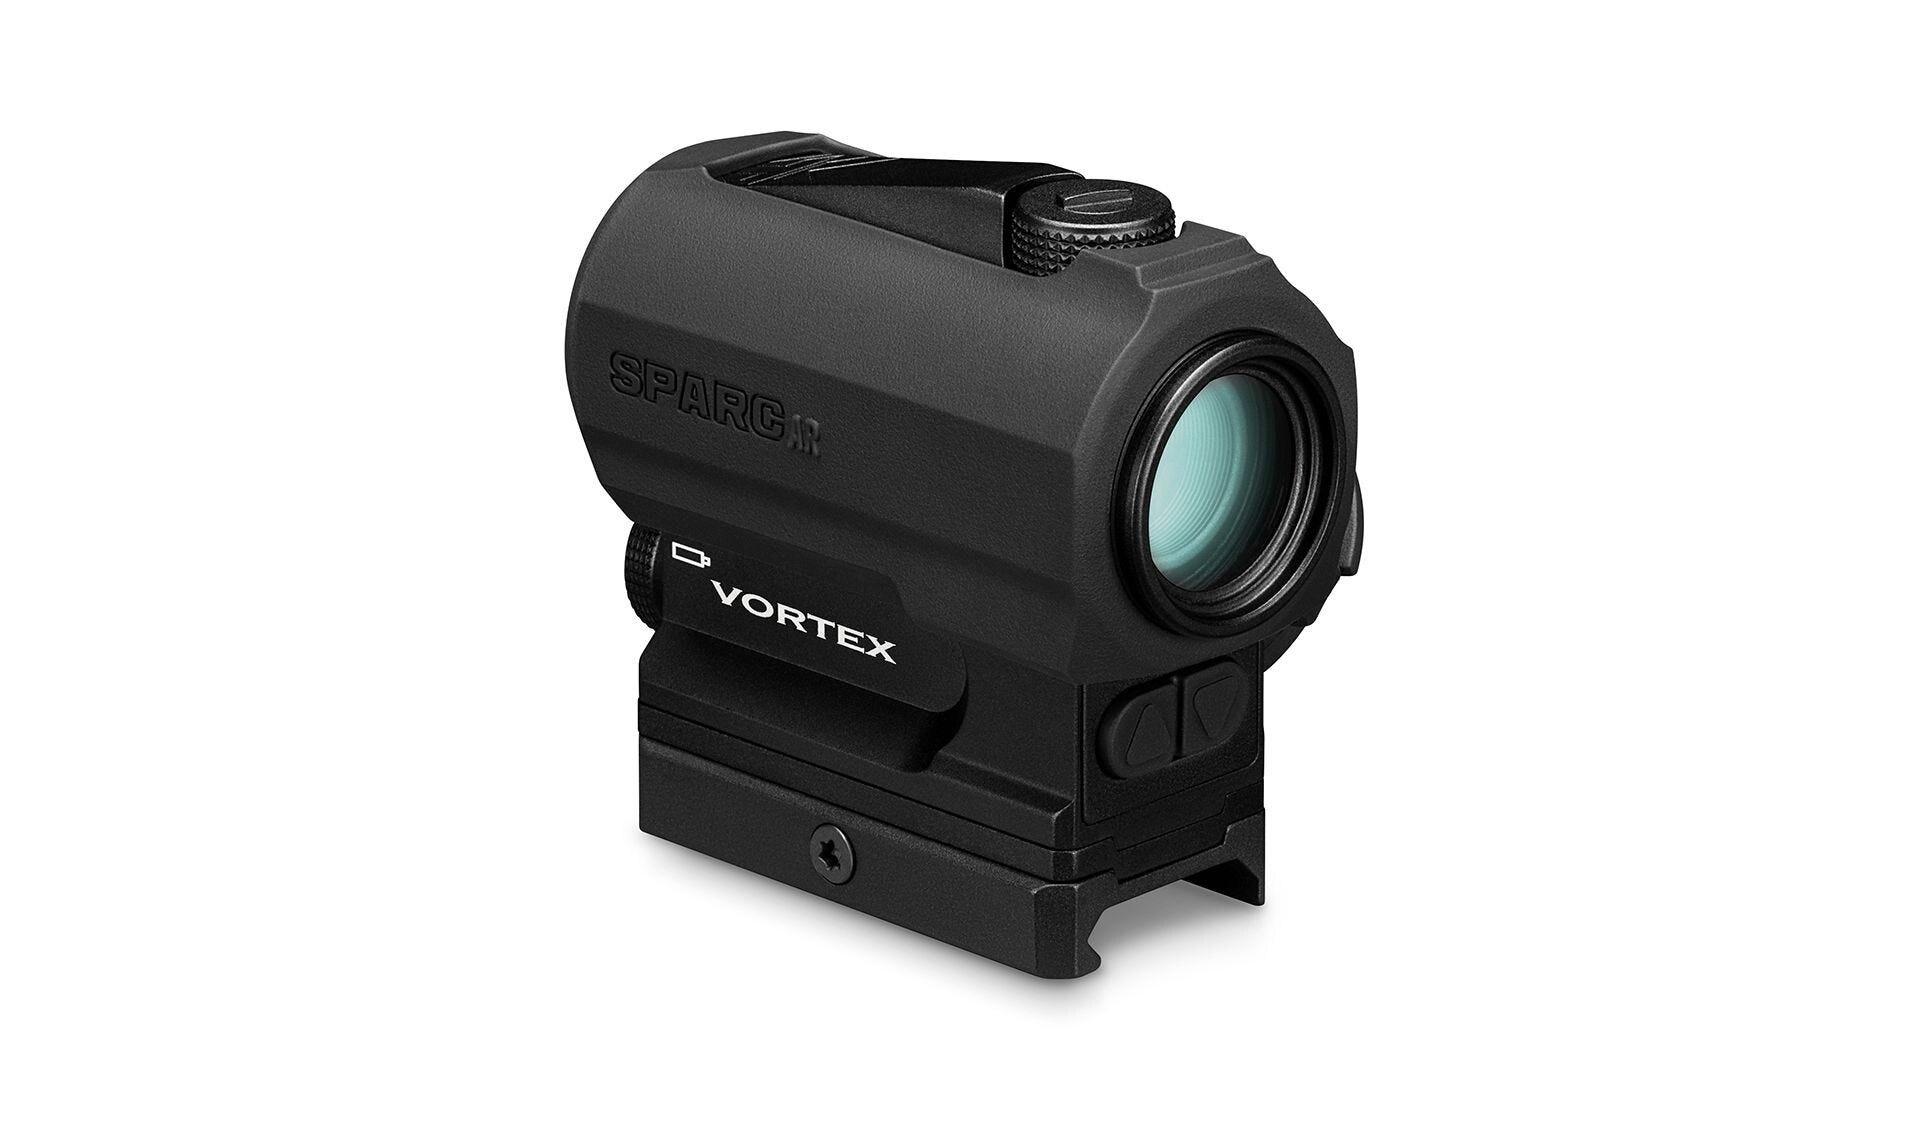 Kolimátor Vortex® Sparc® AR Red Dot (LED upgrade) (Farba: Čierna)